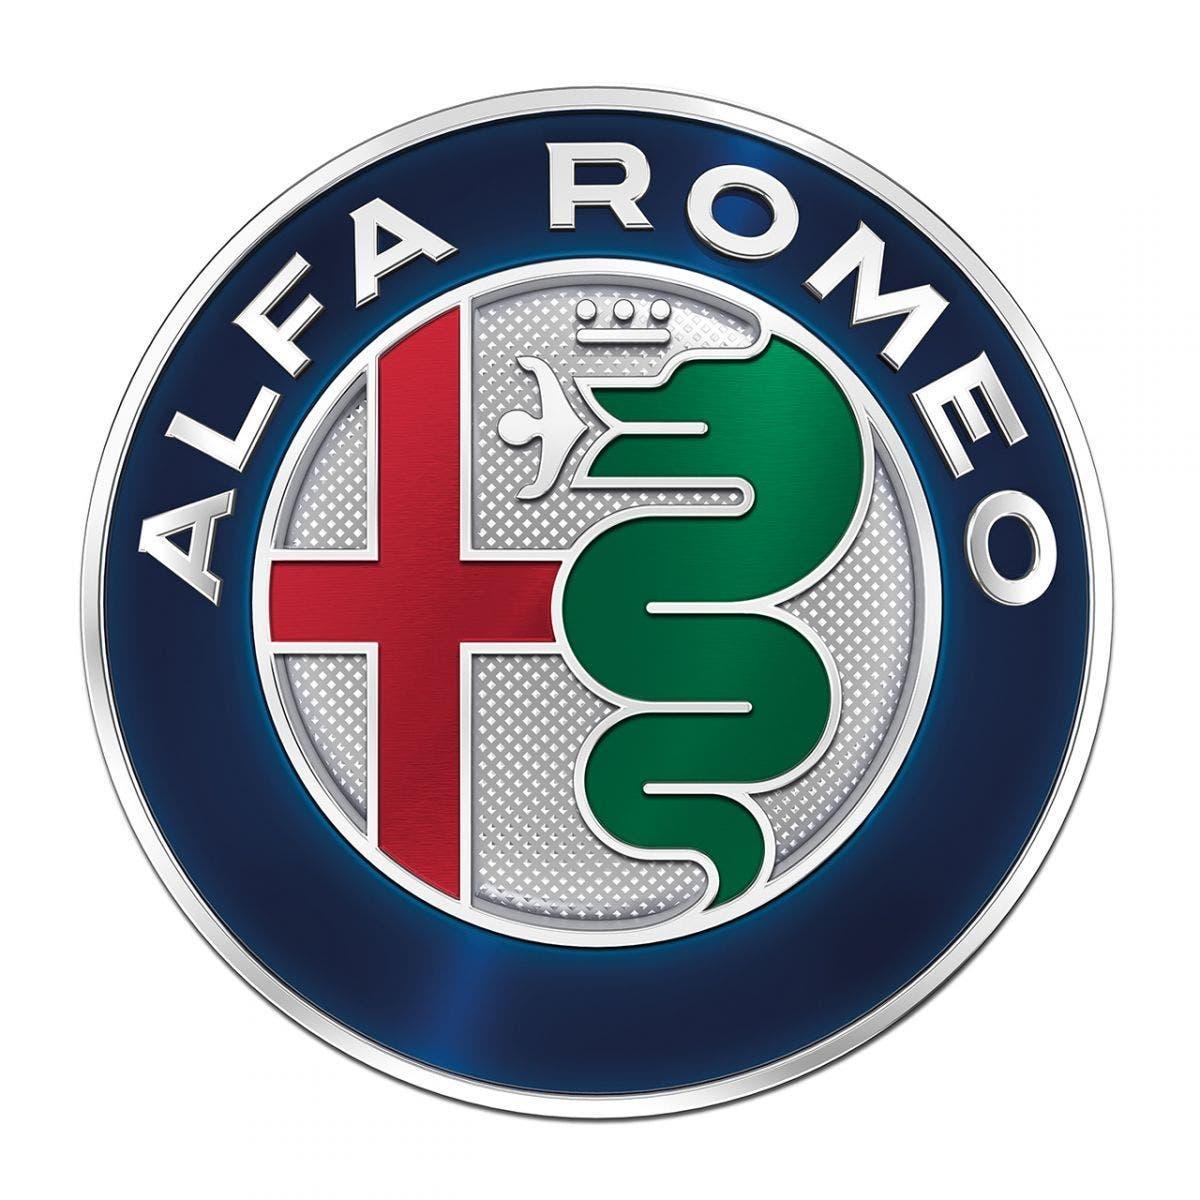 Alfa Romeo: La Spagna è un mercato difficile per il settore automobilistico